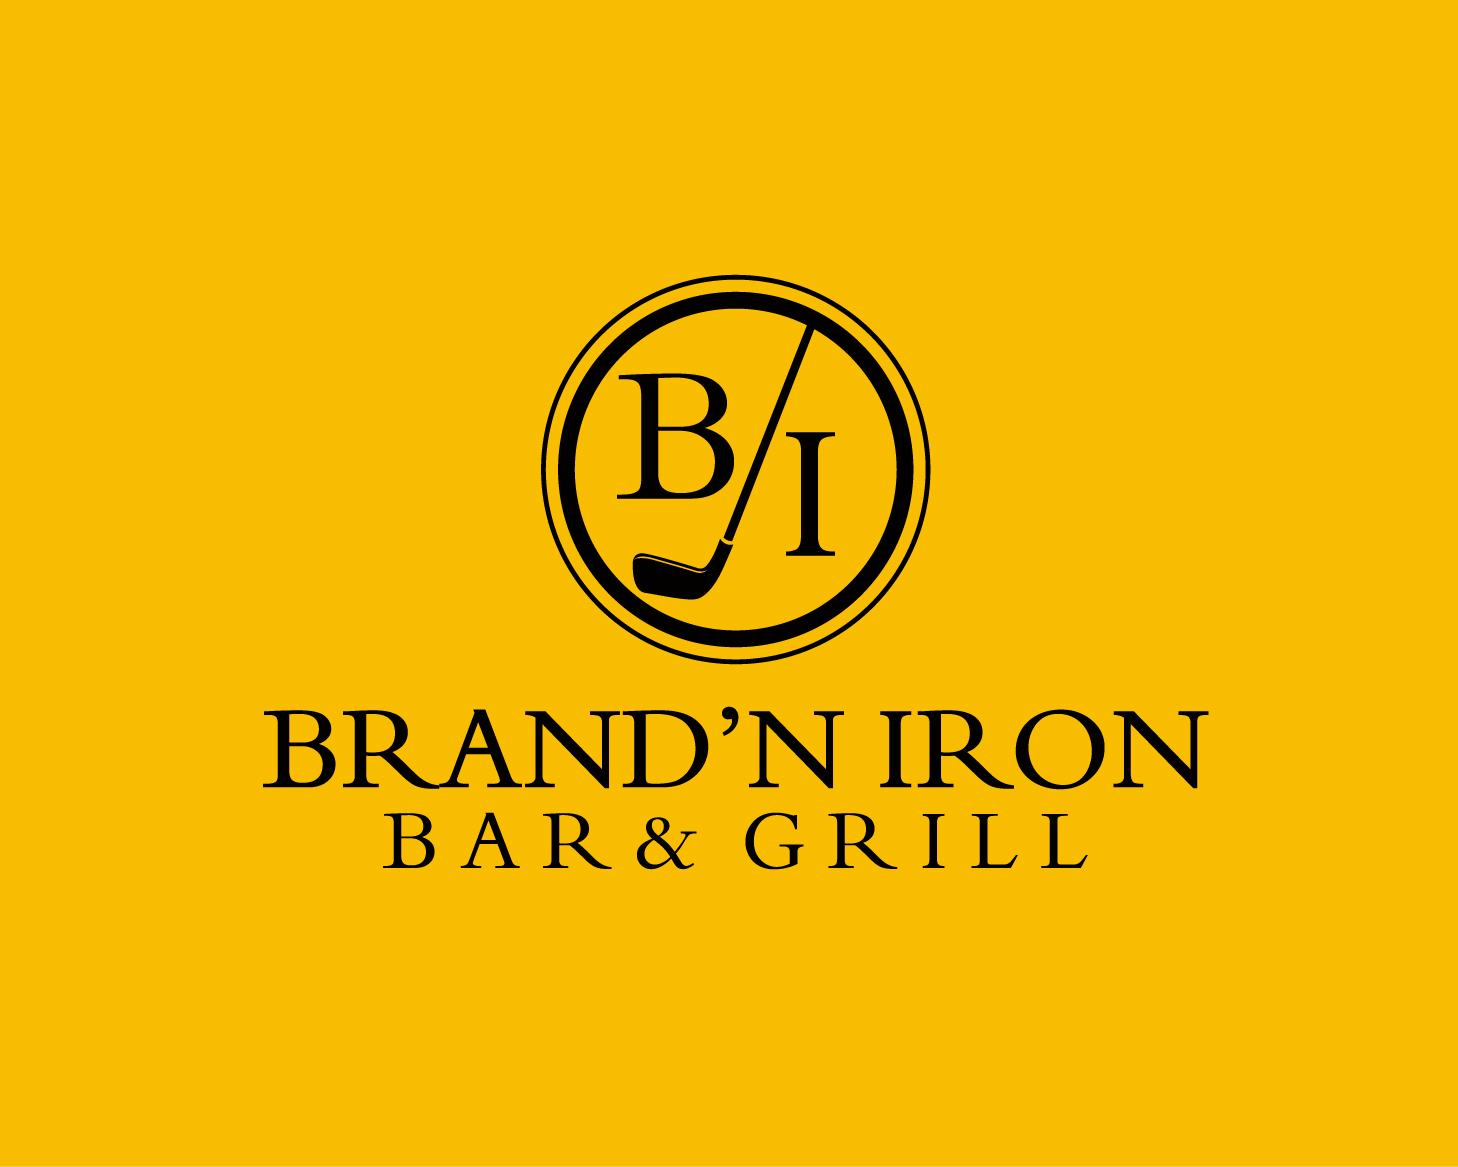 Logo Design by Allan Esclamado - Entry No. 199 in the Logo Design Contest Captivating Logo Design for Brand'n Iron Bar & Grill.